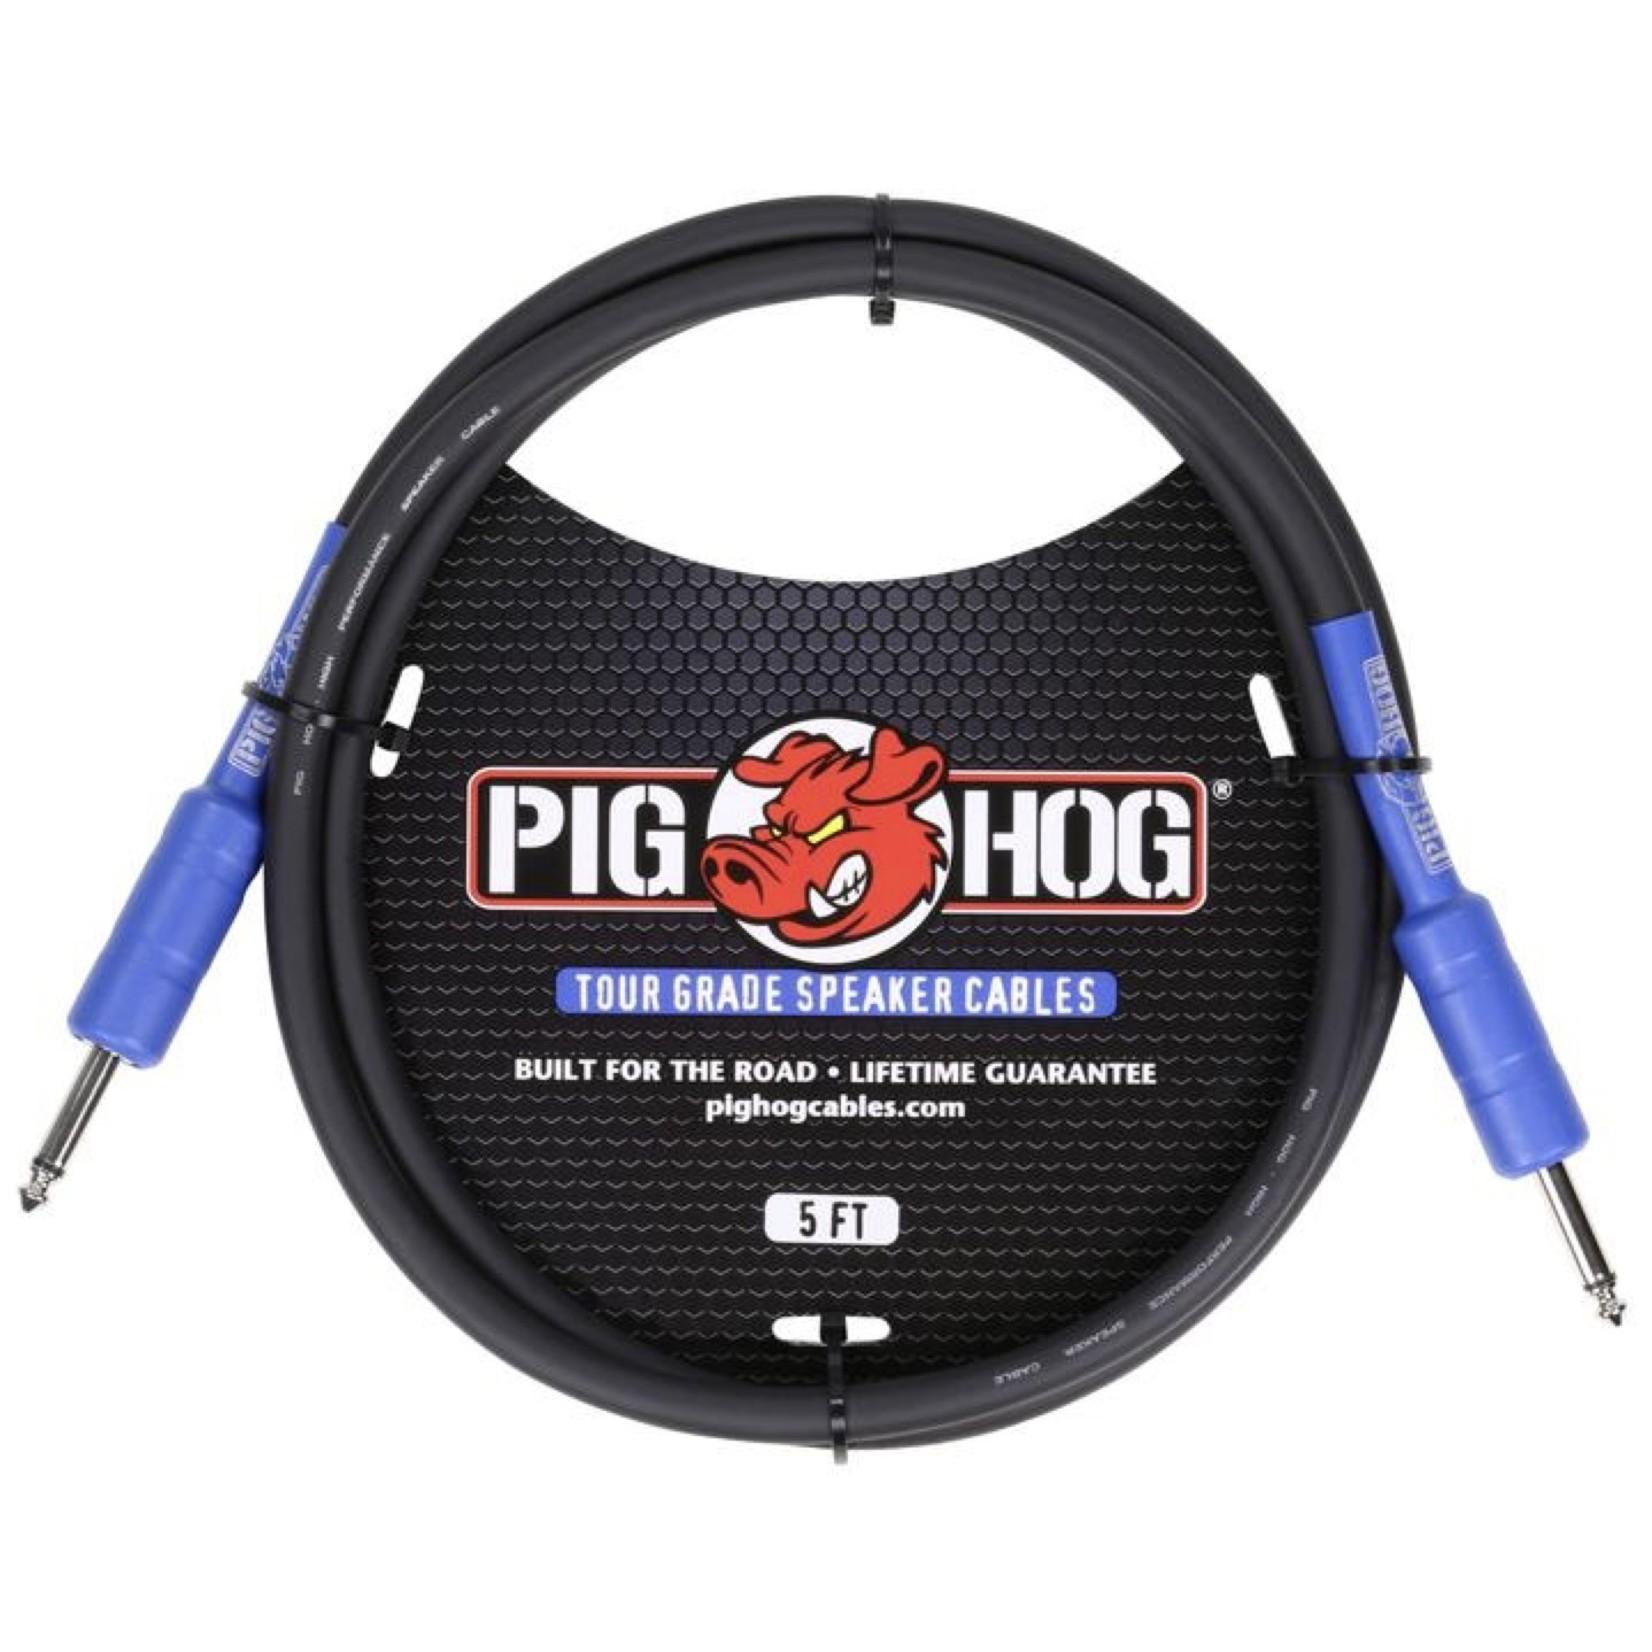 Pig Hog Pig Hog 8mm Tour Grade Speaker Cable, 5ft (14 gauge wire) (PHSC5)